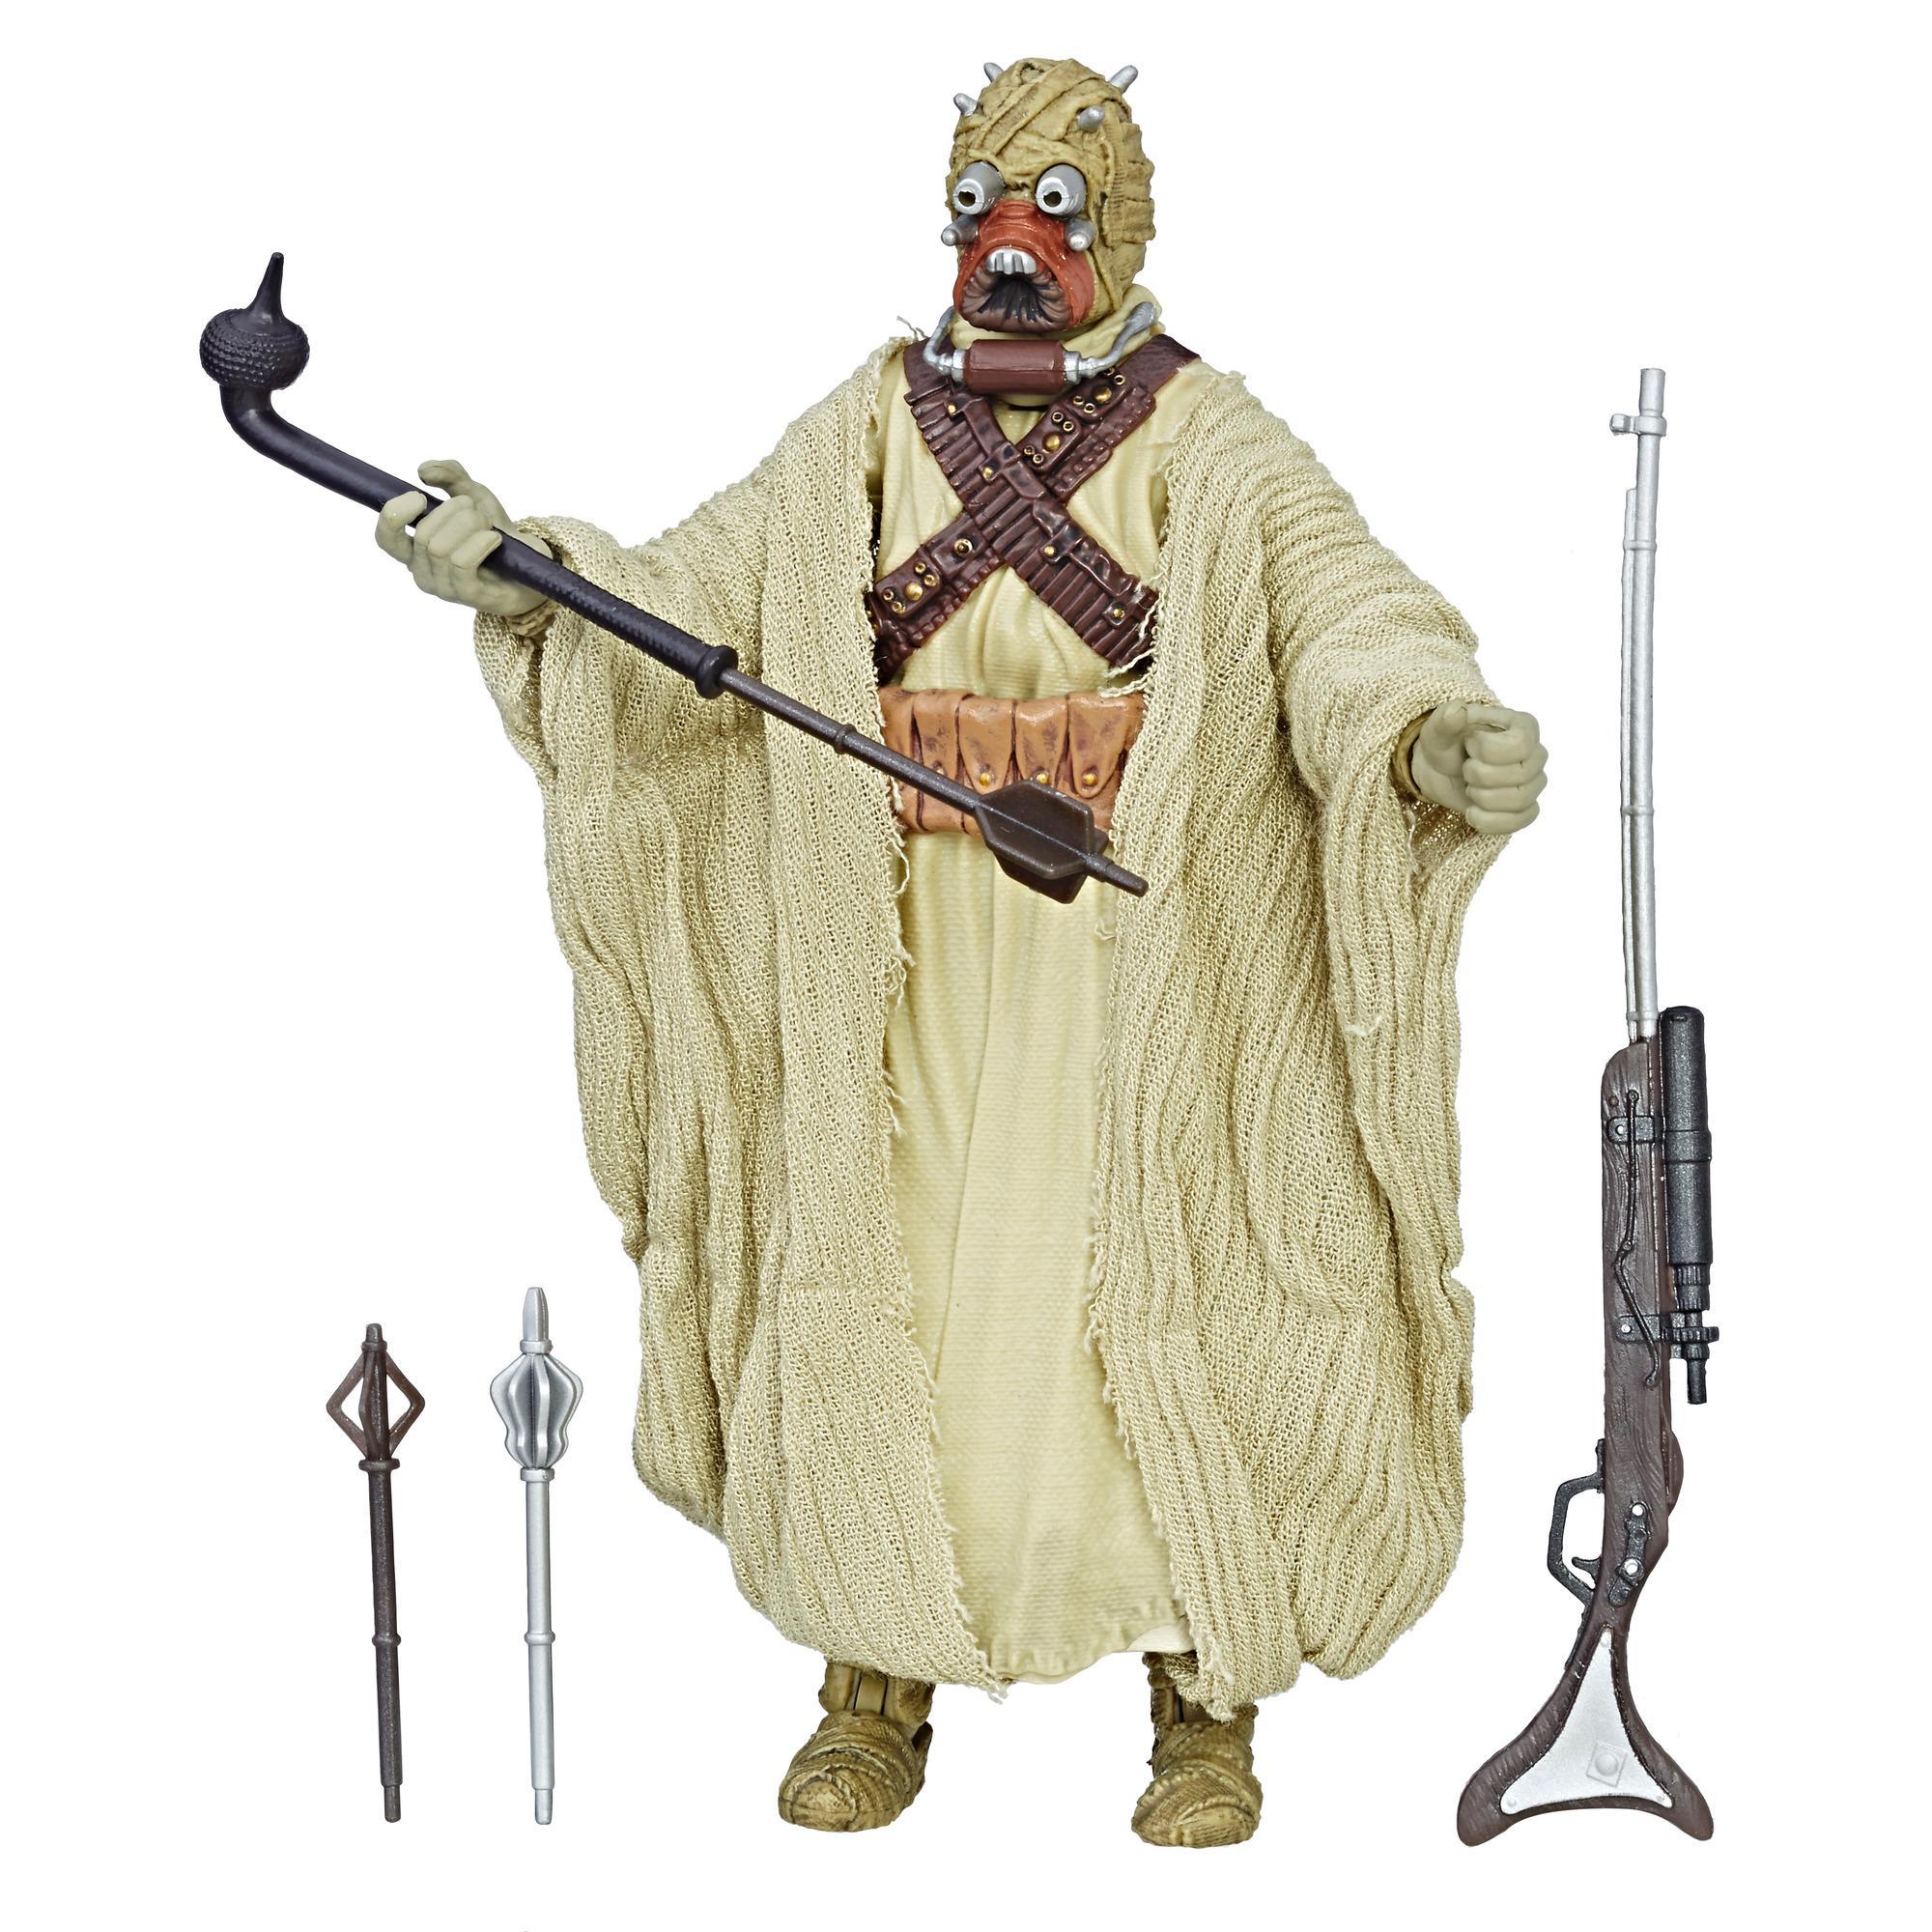 Star Wars: Episode IV The Black Series Tusken Raider